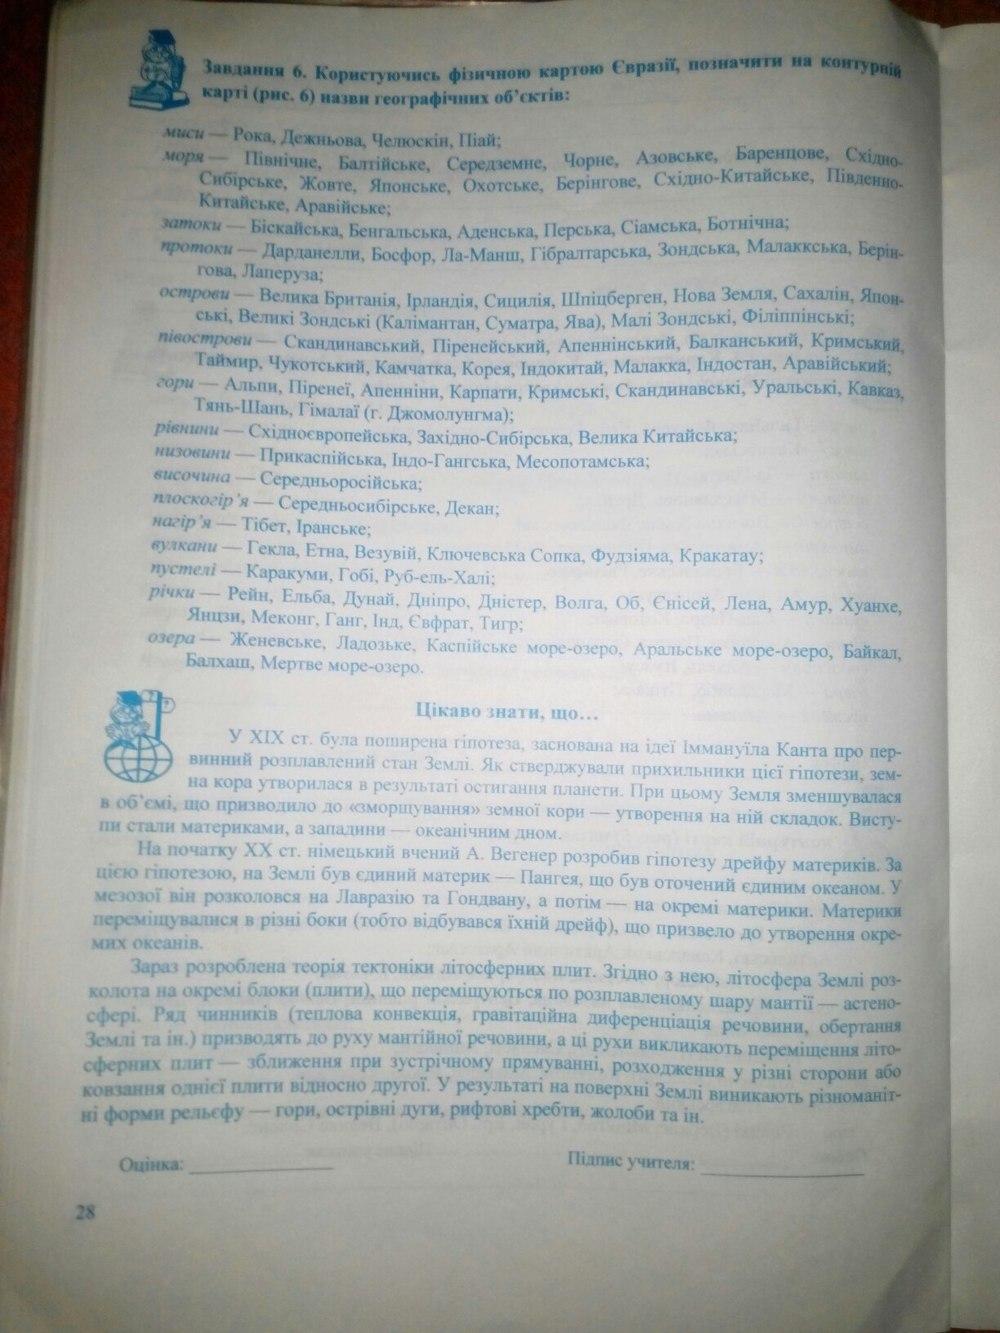 ГДЗ відповіді робочий зошит по географии 7 класс Варакута О., Швець Є.. Задание: стр. 28